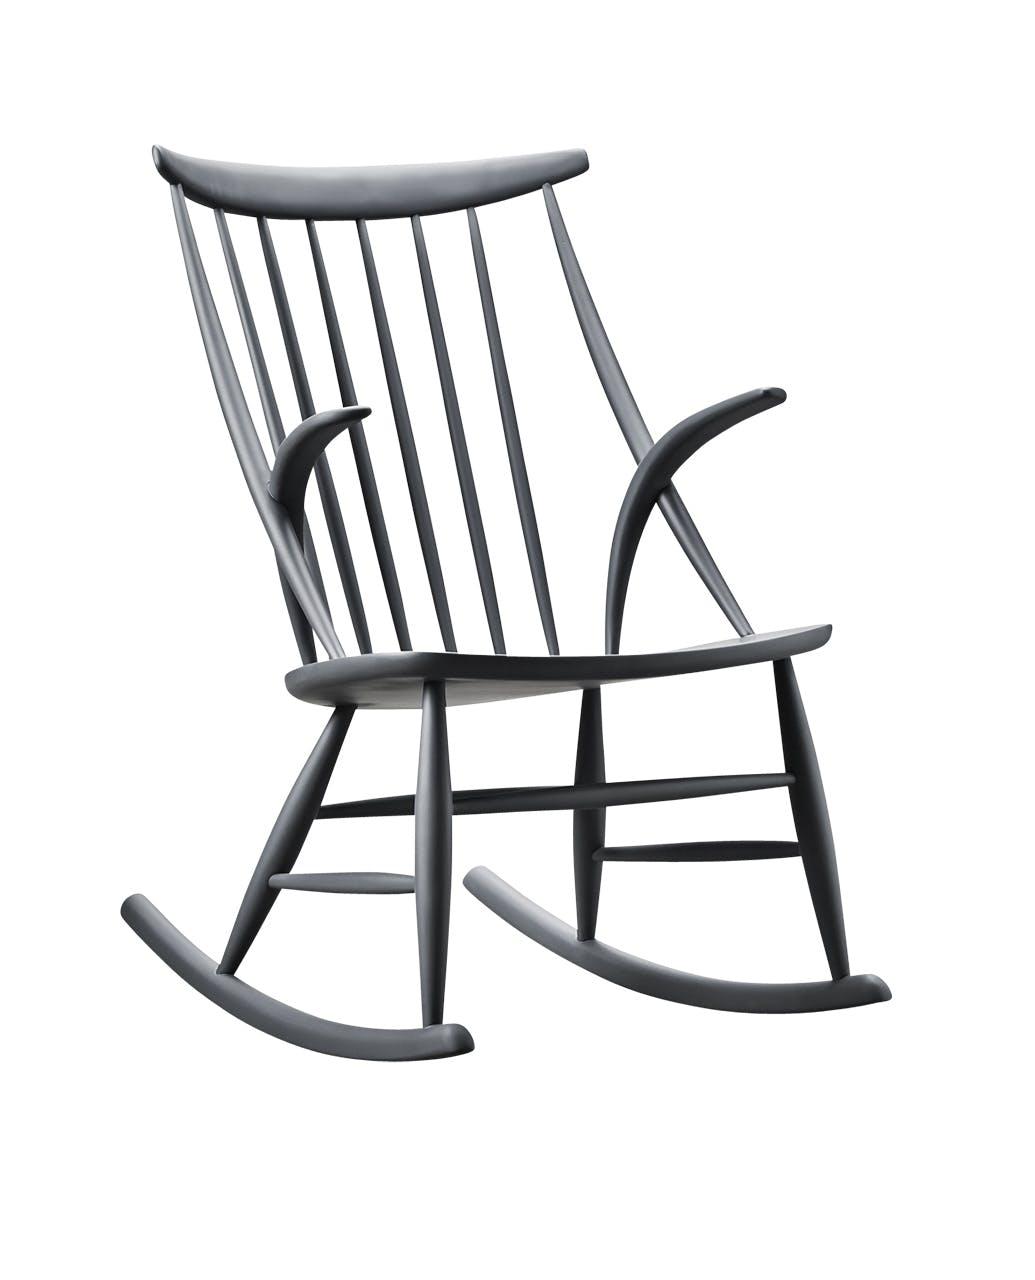 danske designere klassiker Illum gyngestol stol